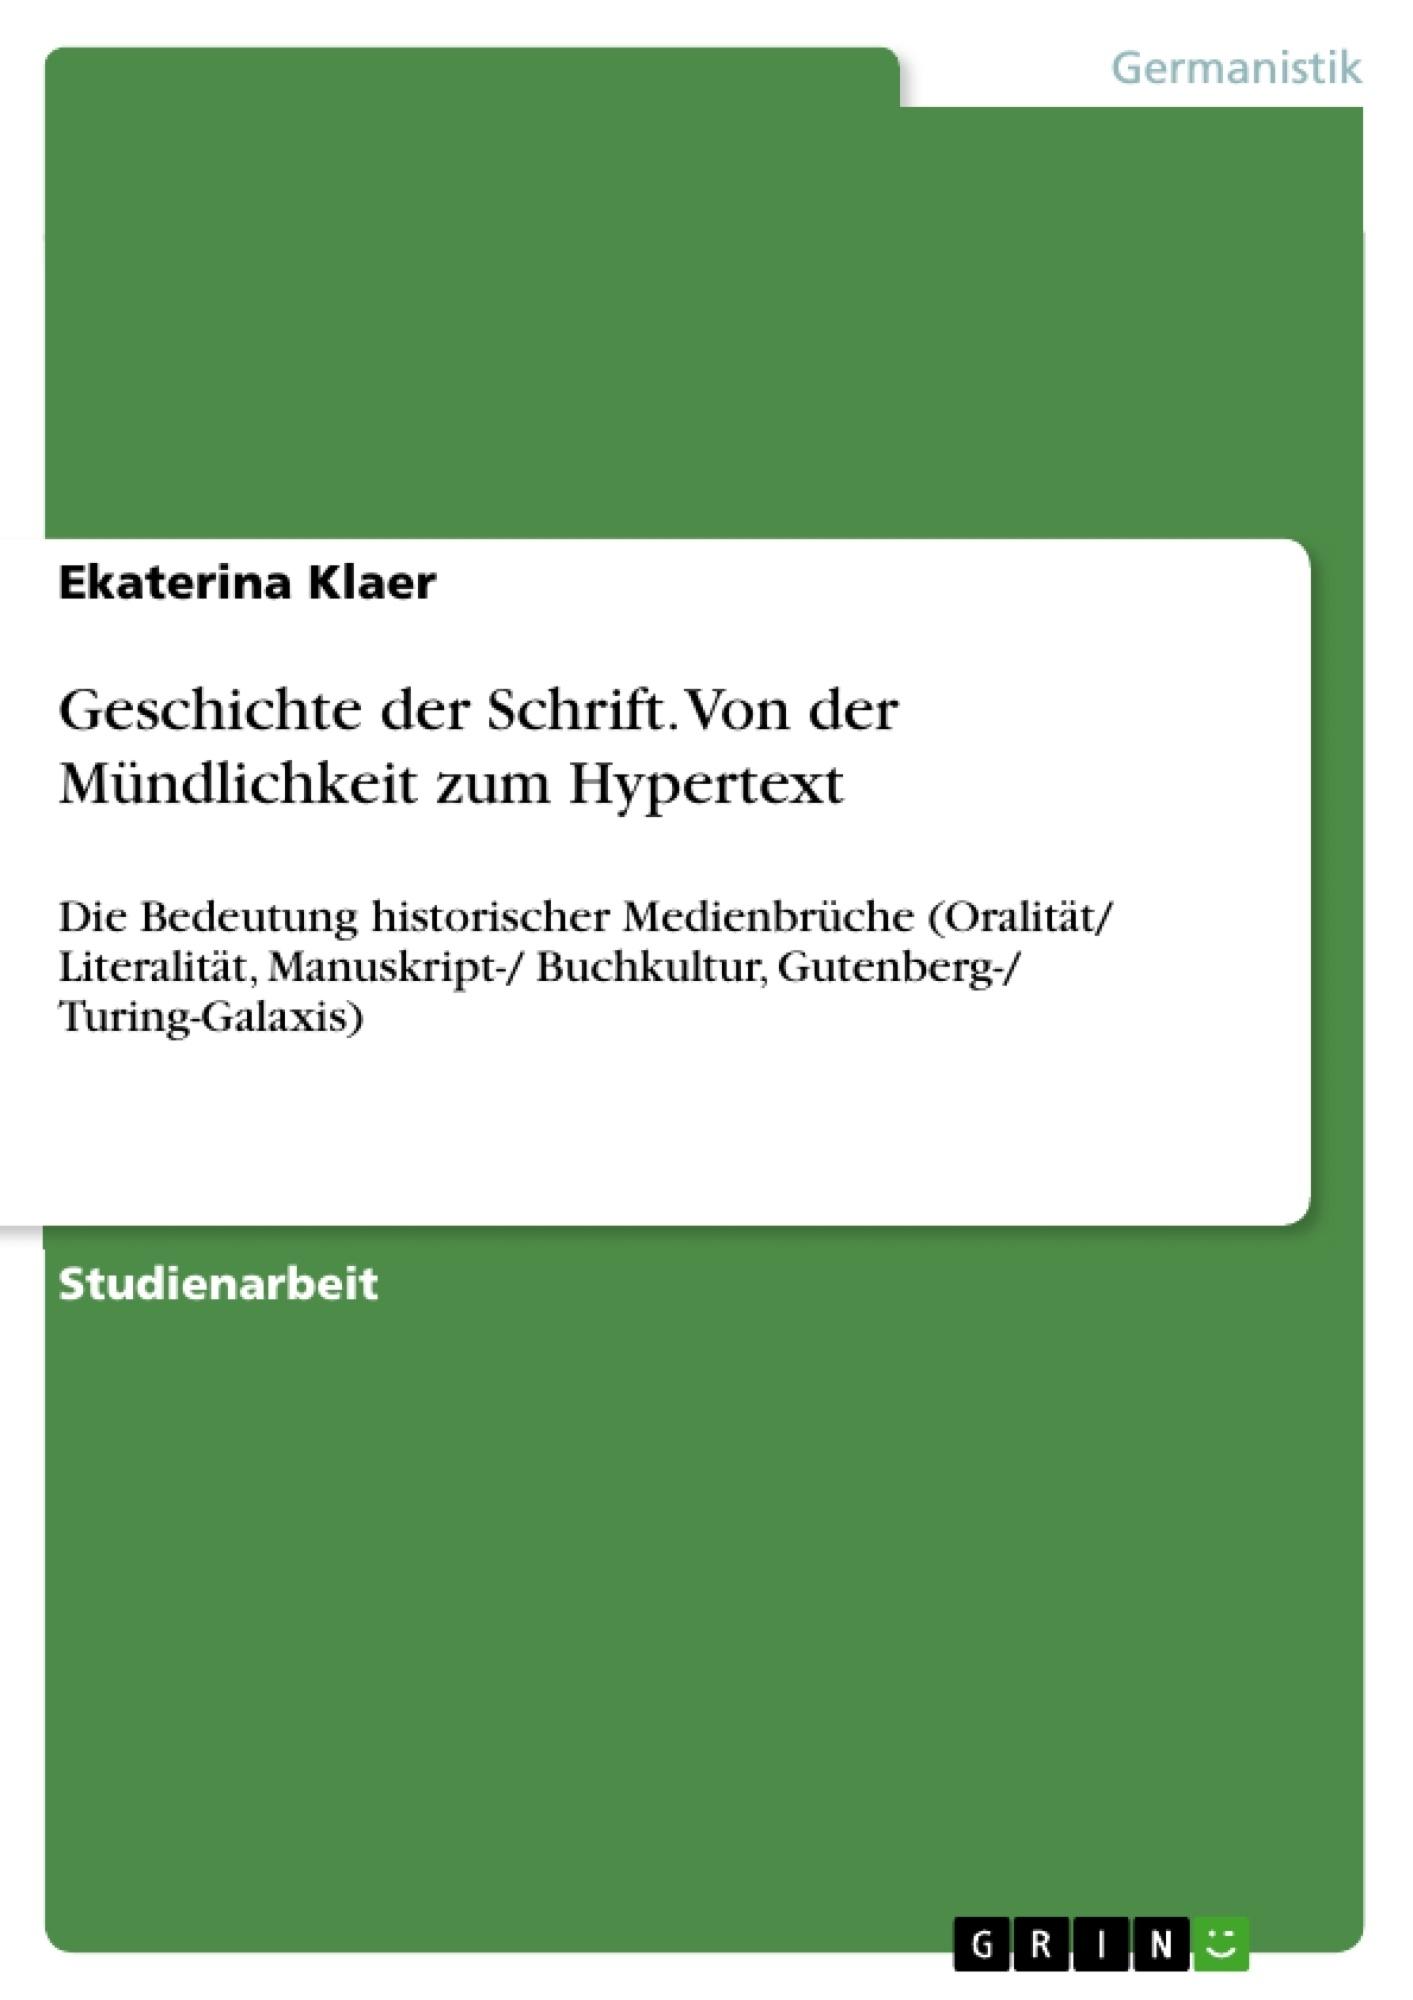 Titel: Geschichte der Schrift. Von der Mündlichkeit zum Hypertext